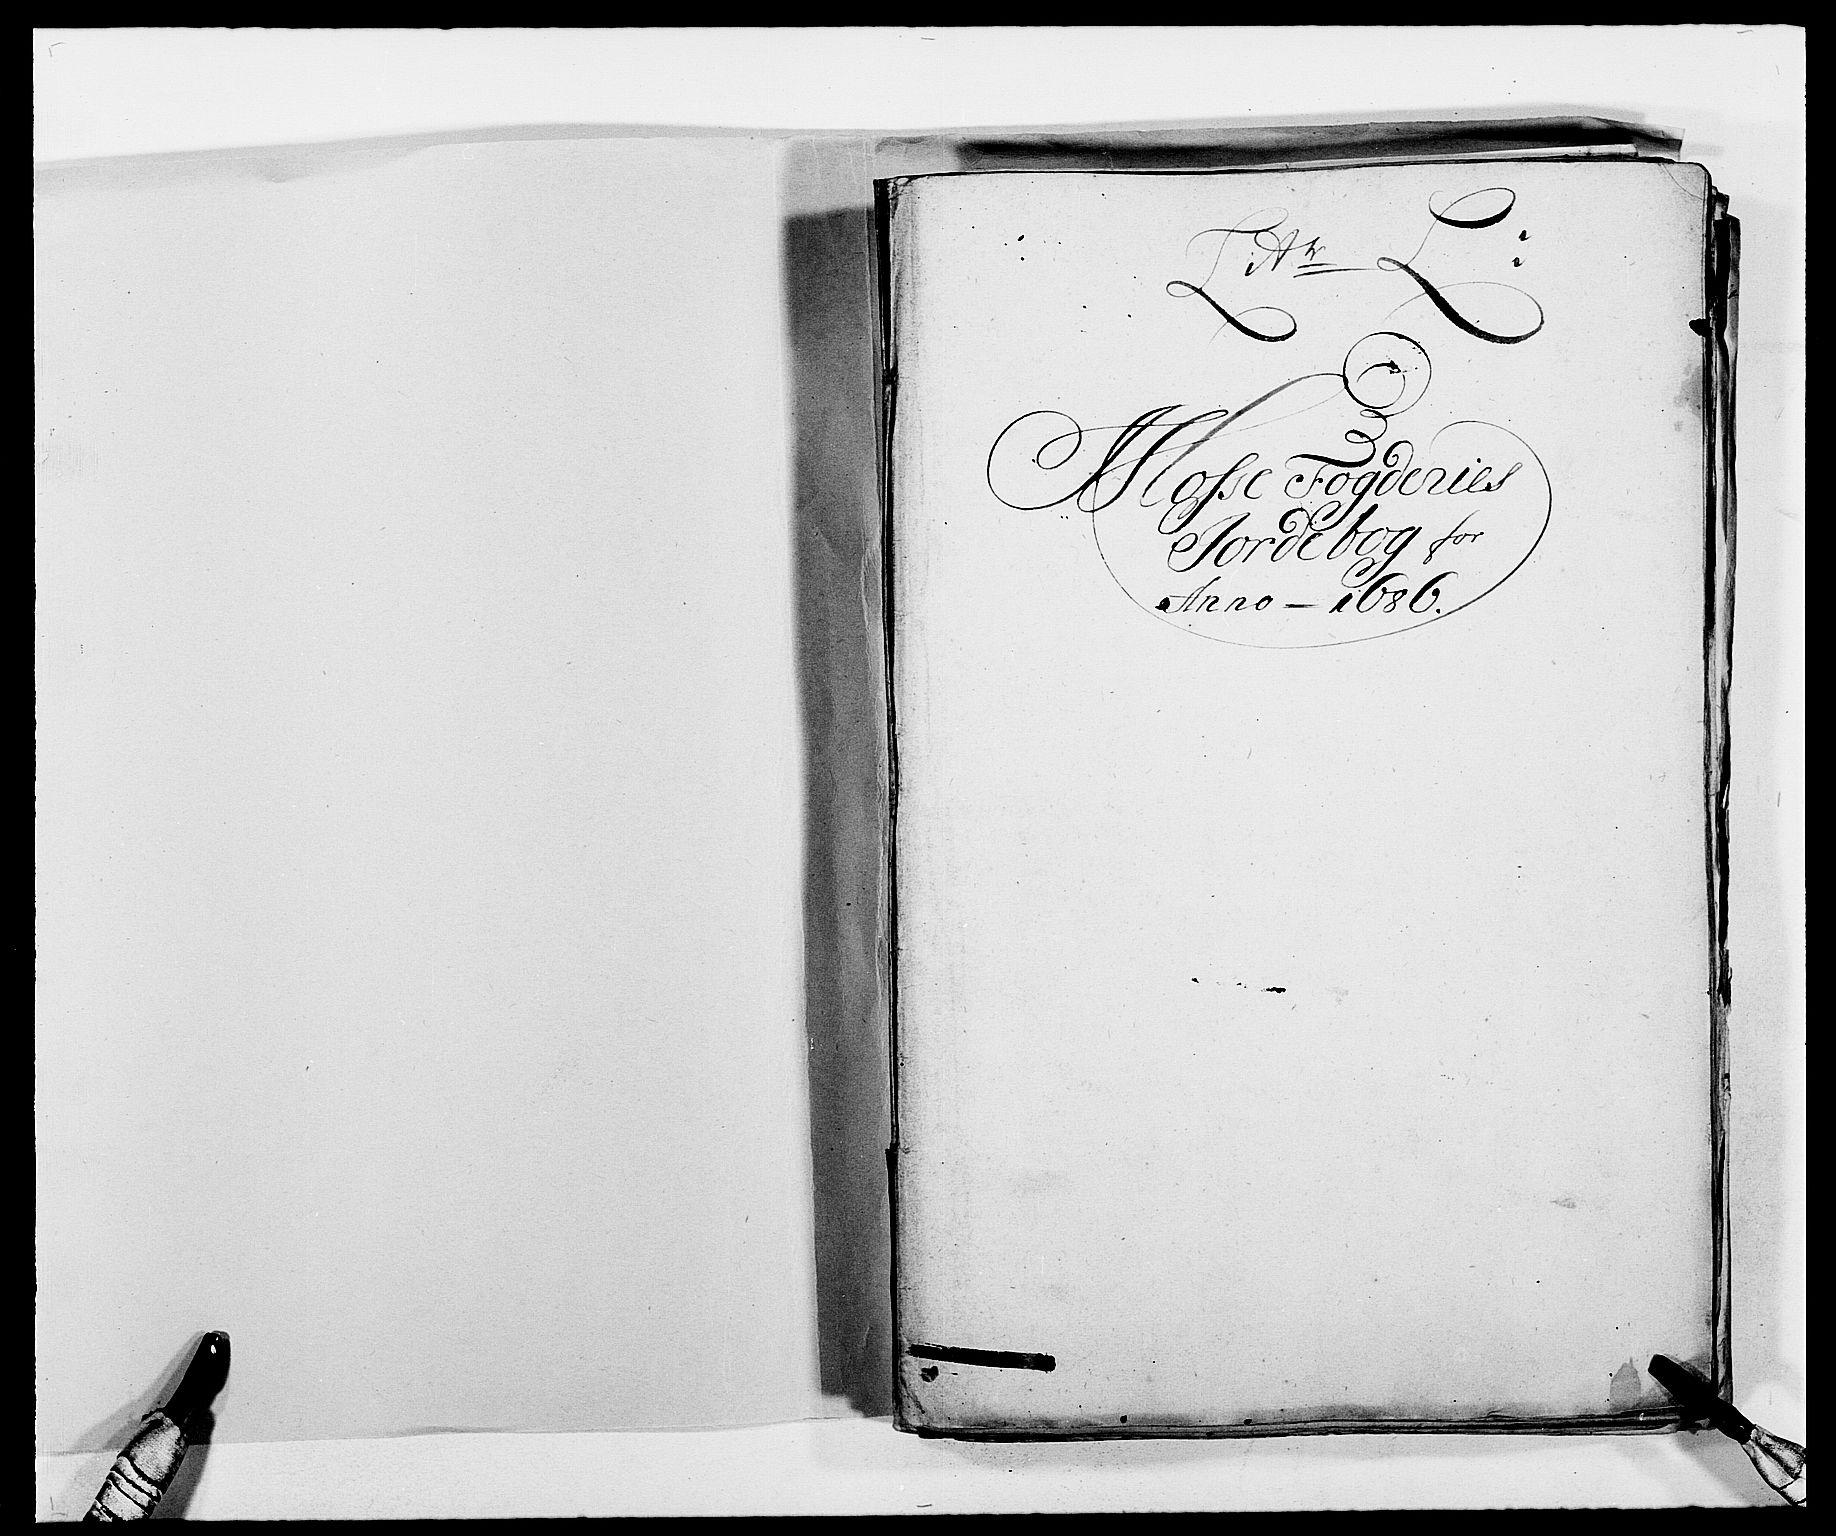 RA, Rentekammeret inntil 1814, Reviderte regnskaper, Fogderegnskap, R02/L0105: Fogderegnskap Moss og Verne kloster, 1685-1687, s. 133